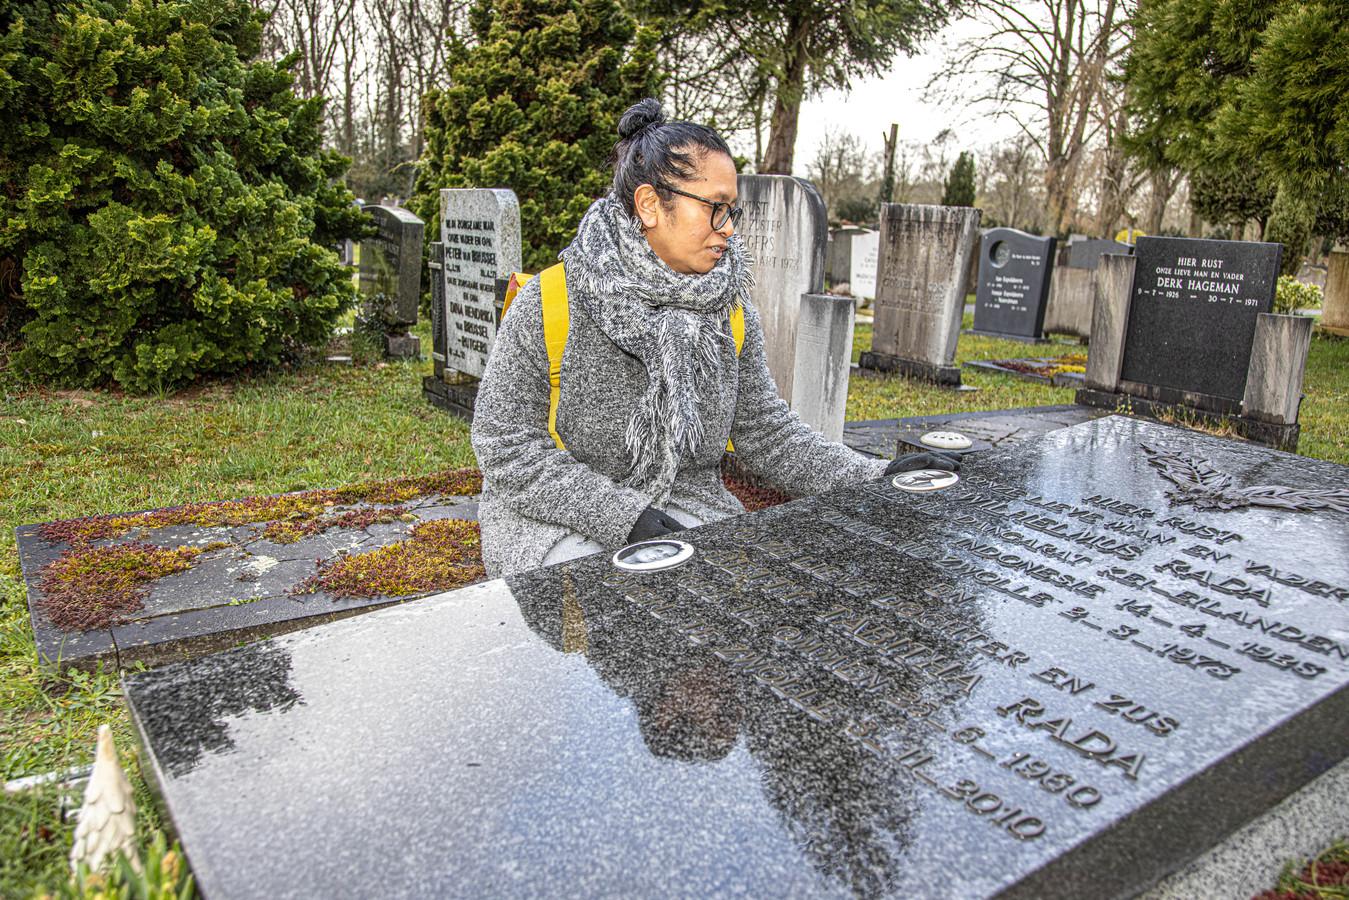 Dayenne Beroeatwarin bij het graf van haar opa op Bergklooster in Zwolle. Samen met een werkgroep pleit de Zwolse Molukse voor een bijzondere historische status voor graven van voormalig KNIL-militairen.